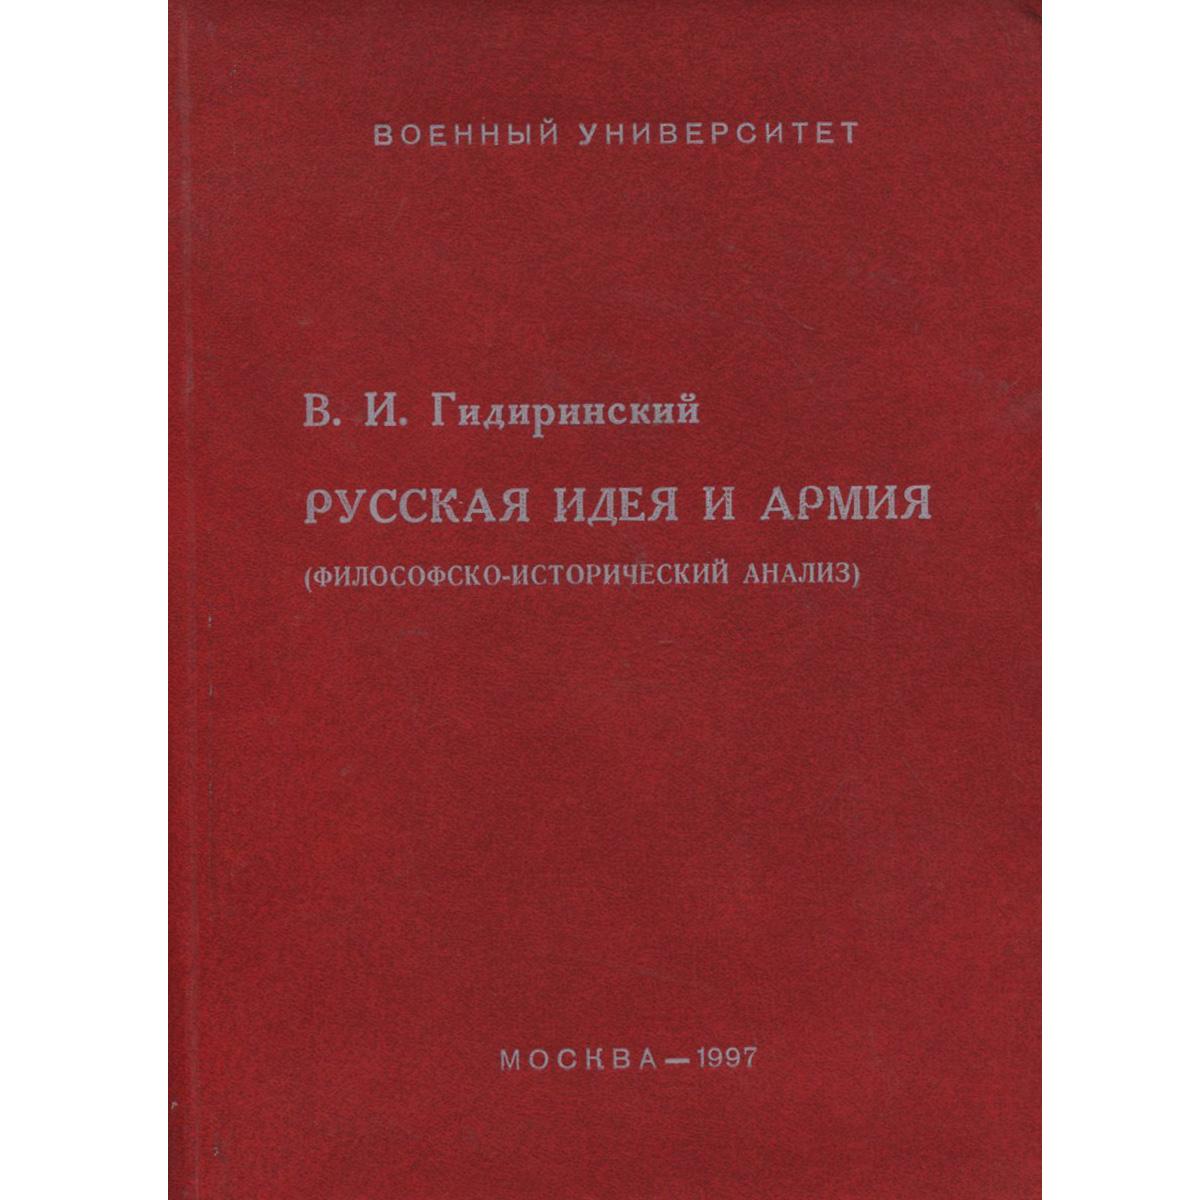 Русская идея и армия (философско-исторический анализ)